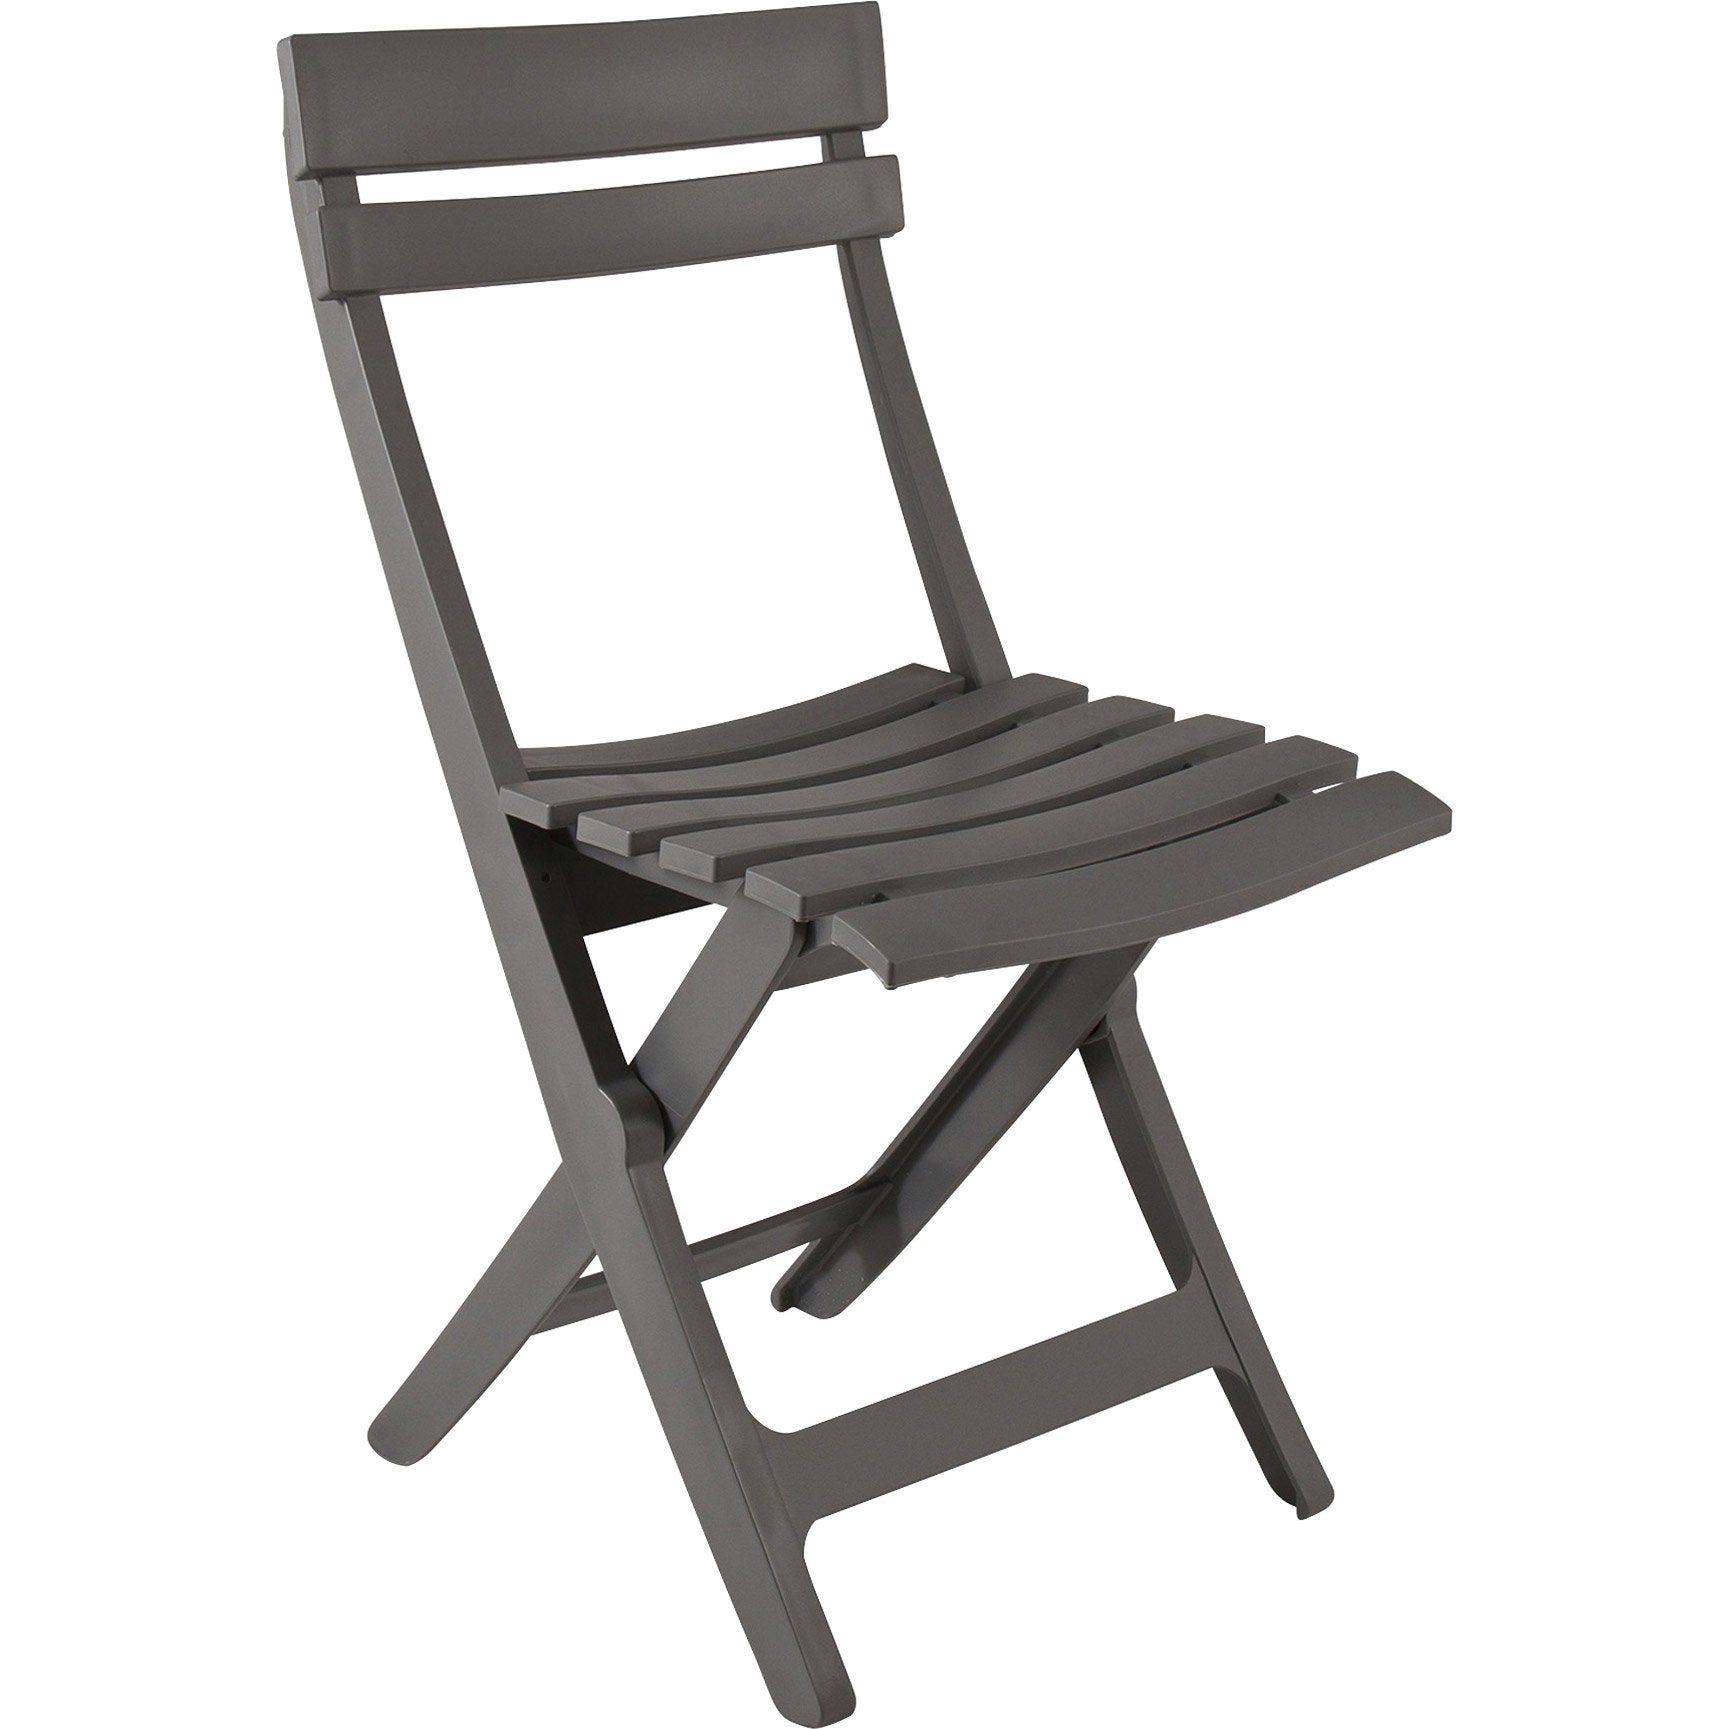 Epingle Par Bobsagam Sur Ma Deco Chaise De Jardin Chaise Pliante Chaise